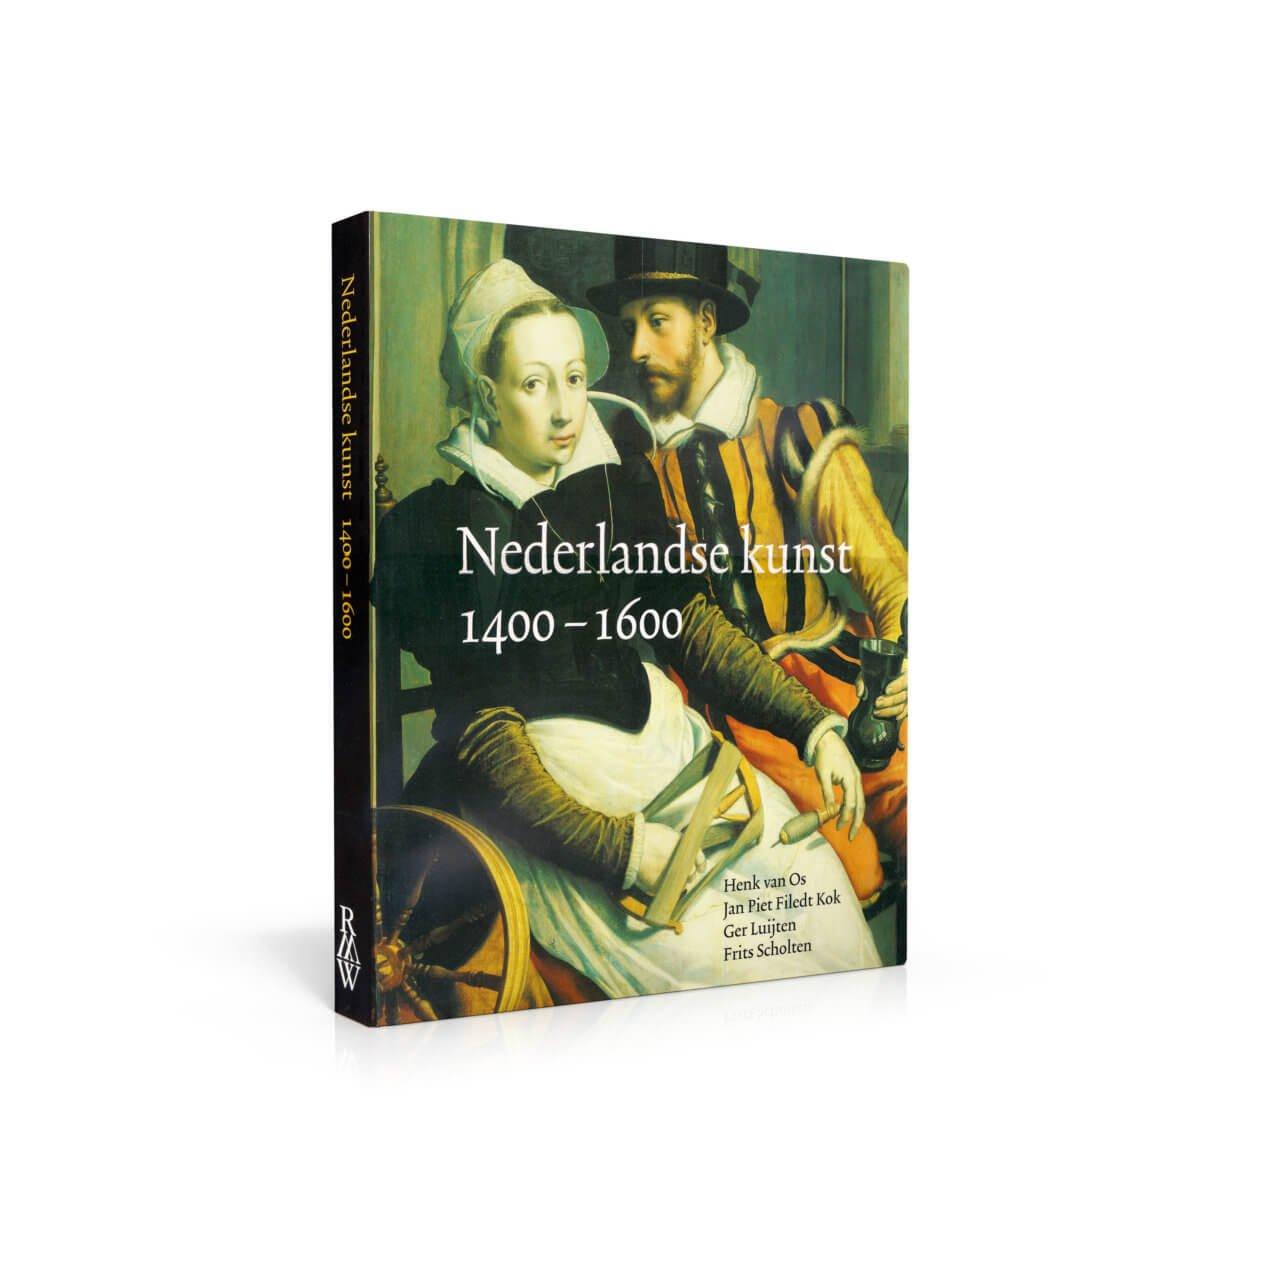 Nederlandse kunst 1400-1600-5